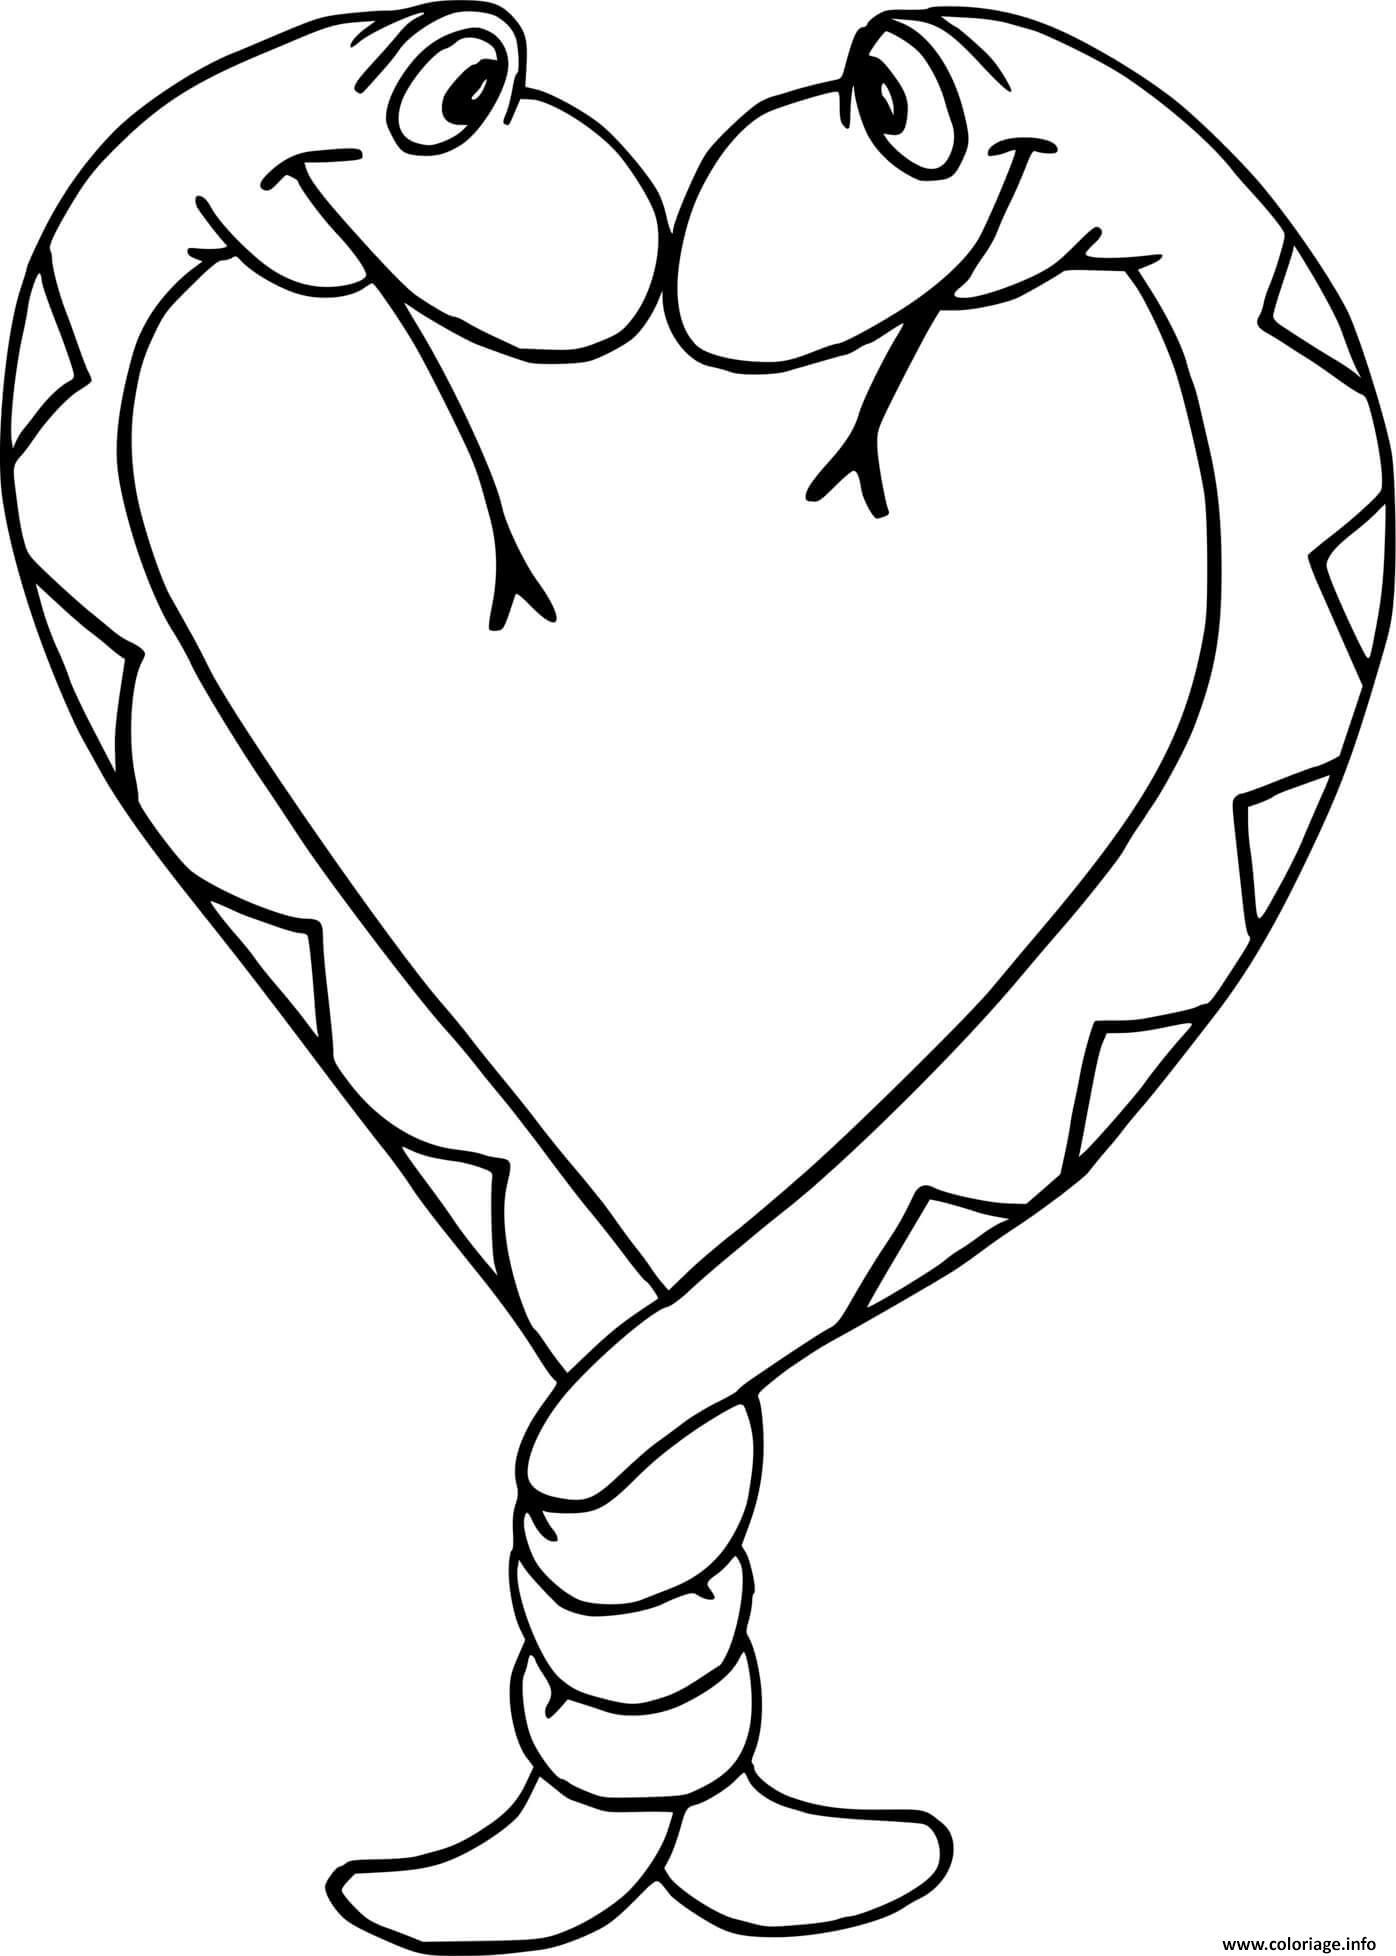 Dessin Deux serpents qui forment un coeur Coloriage Gratuit à Imprimer